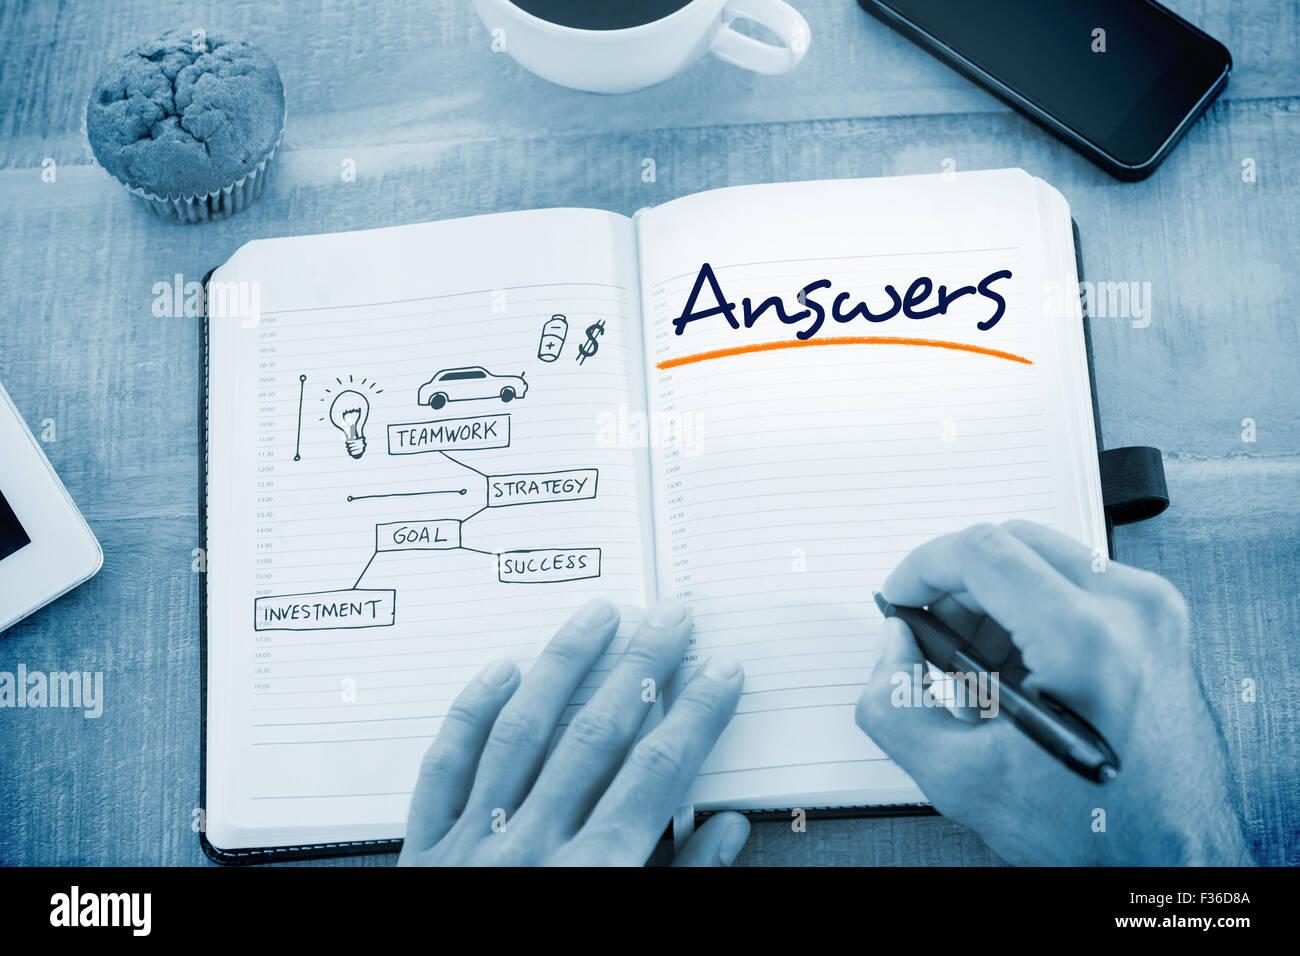 Respuestas contra el concepto empresarial vector Imagen De Stock